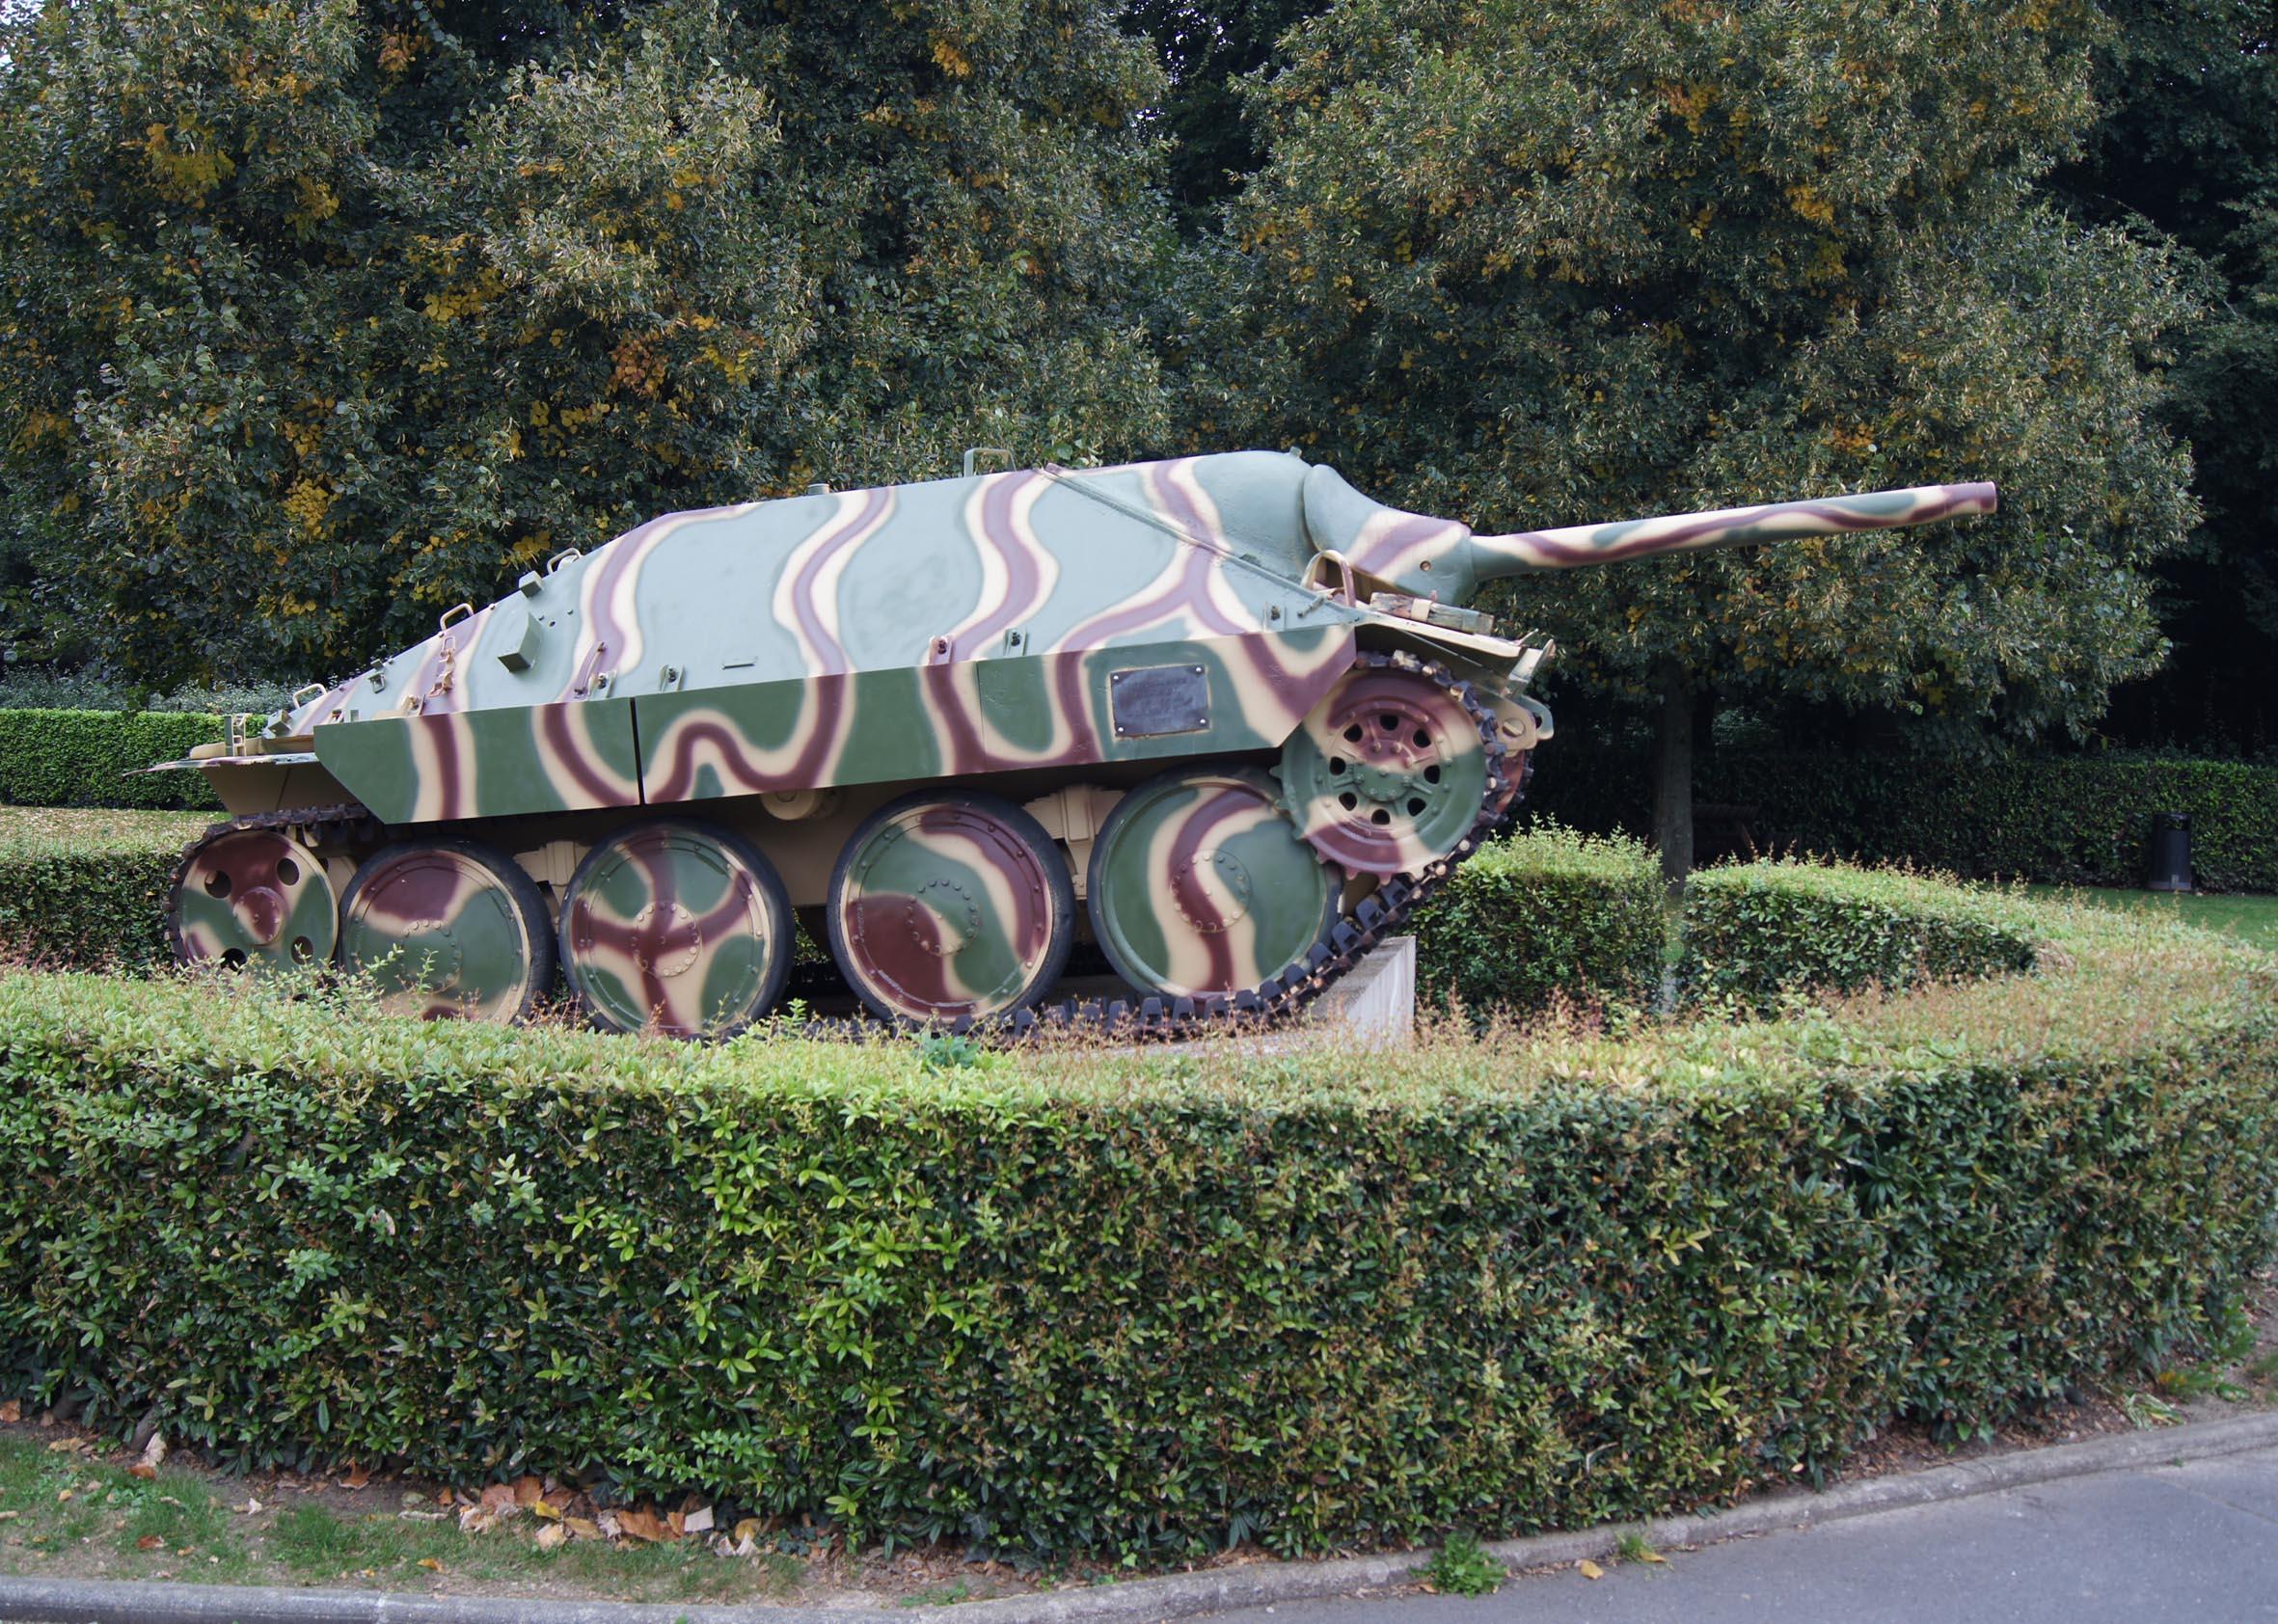 Jadgpanzer 38 (t) Hetzer bei Bayeux